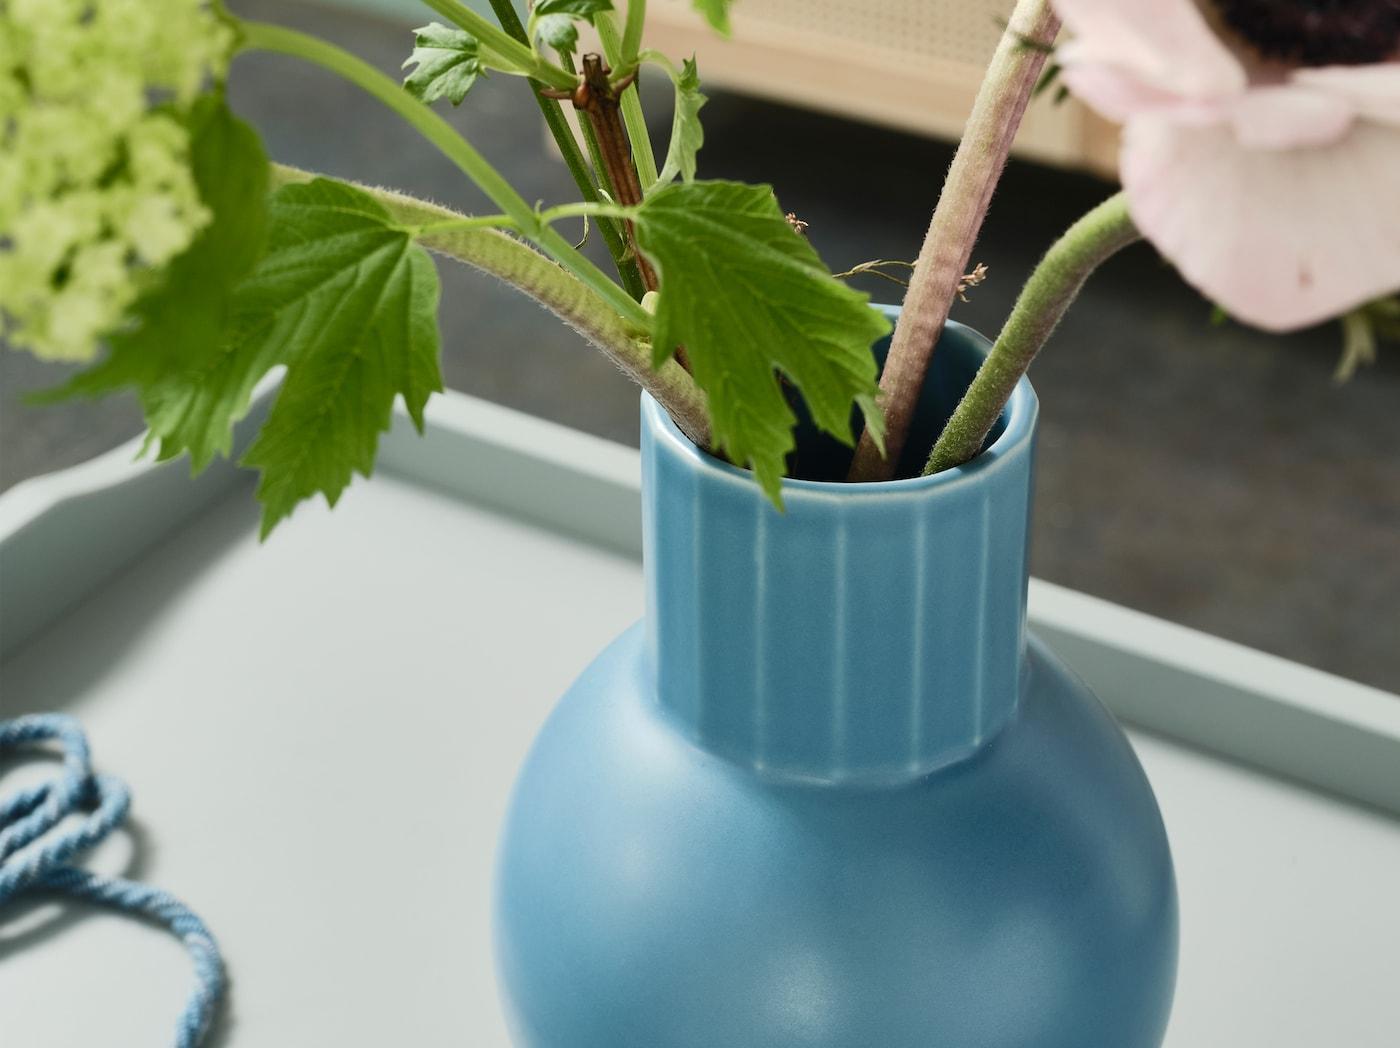 产品特写:一个蓝色OMFÅNG 邬姆芳恩 花瓶静立在一张边桌上,瓶中插着几枝绿色花茎。